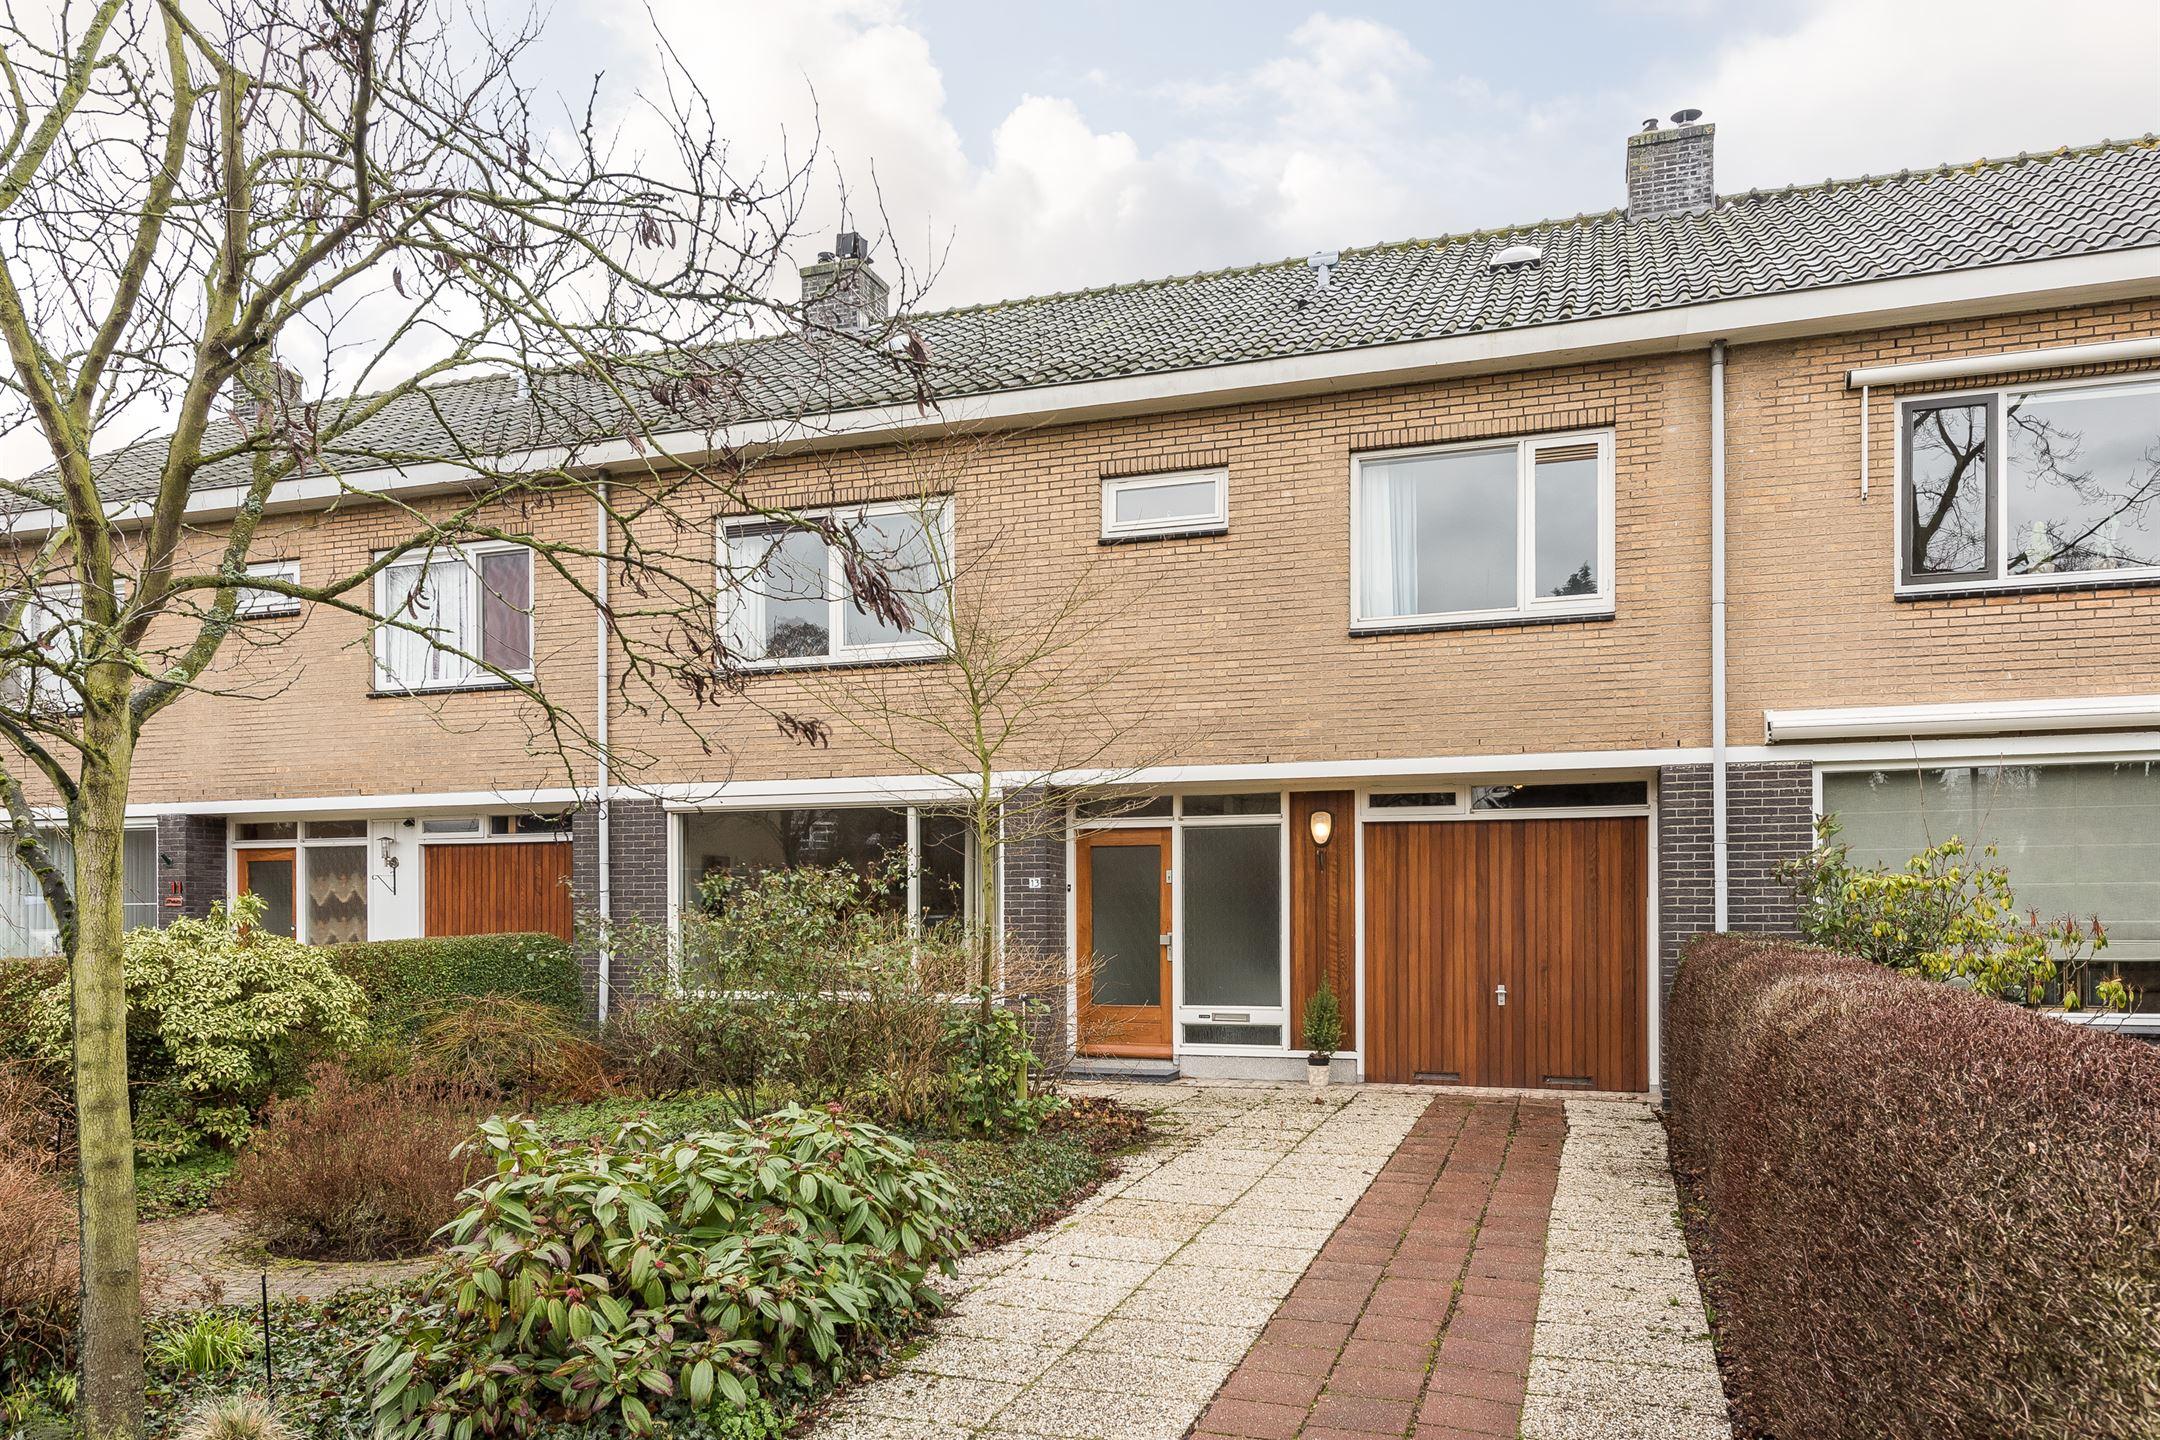 House for sale juliana van stolberglaan al vlaardingen